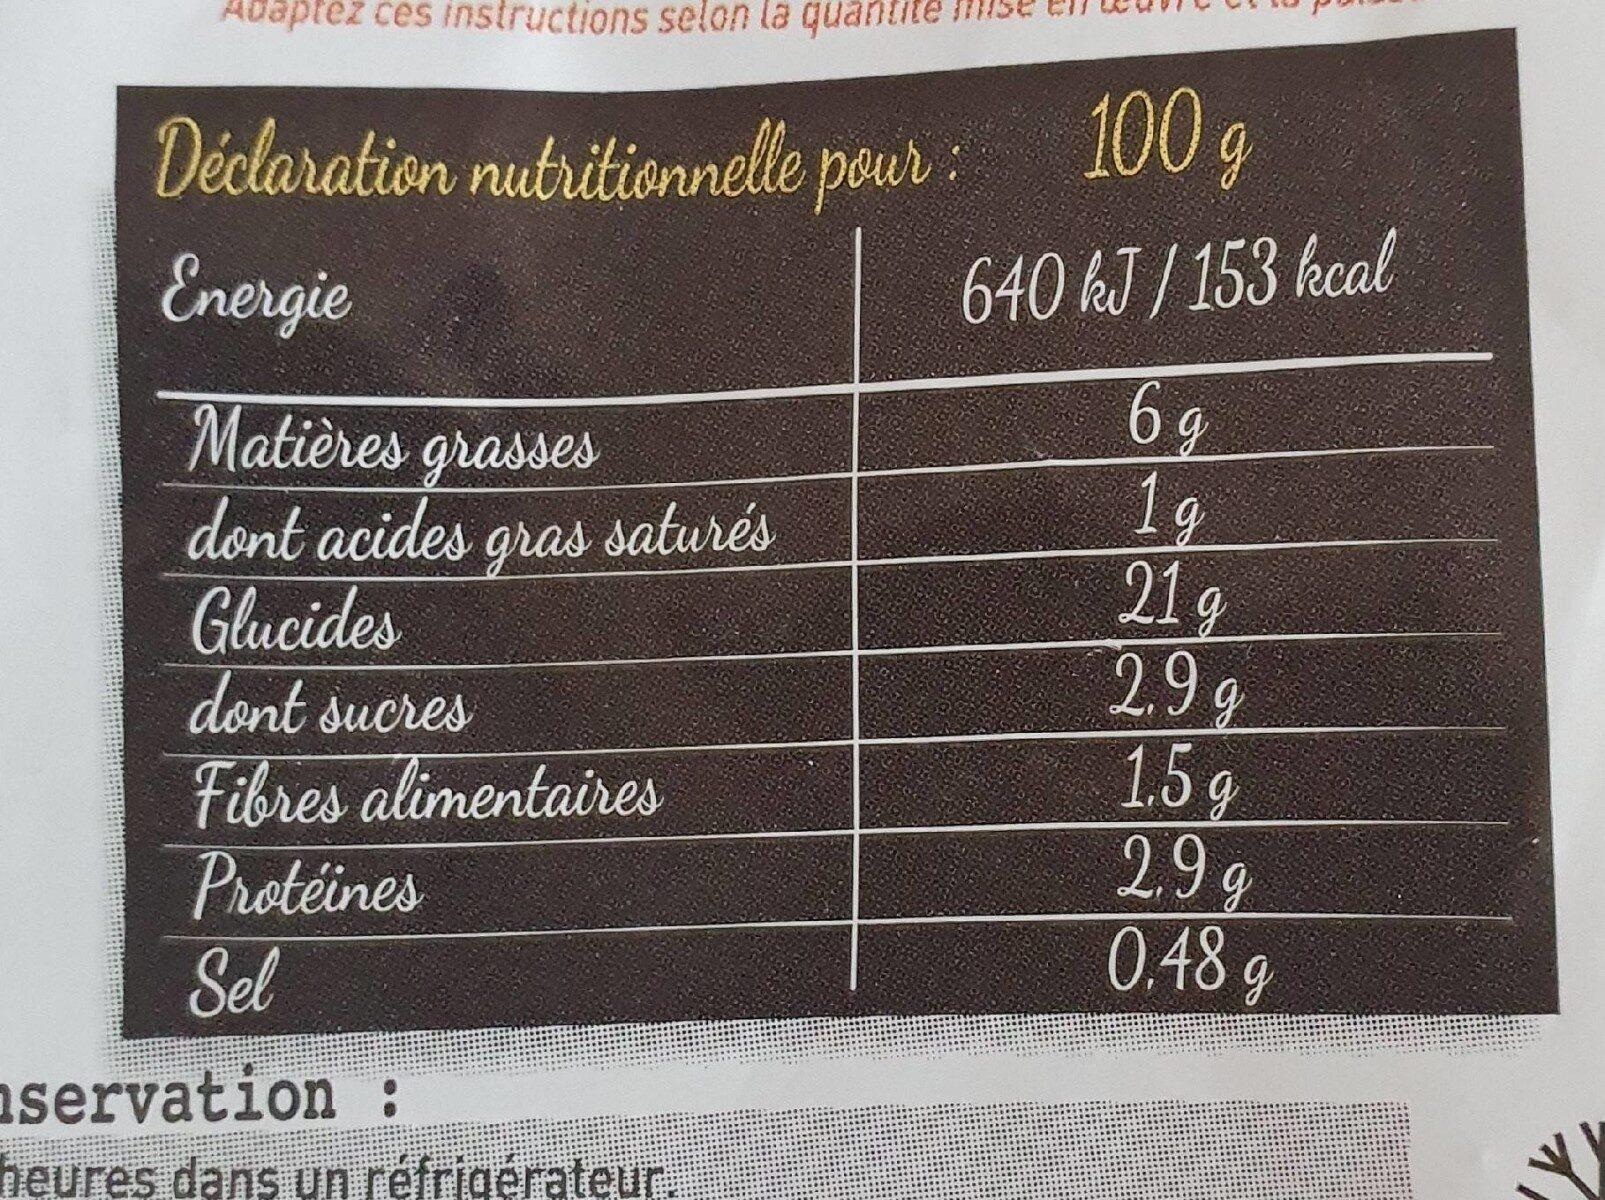 Pommesde terre grenaille - Valori nutrizionali - fr